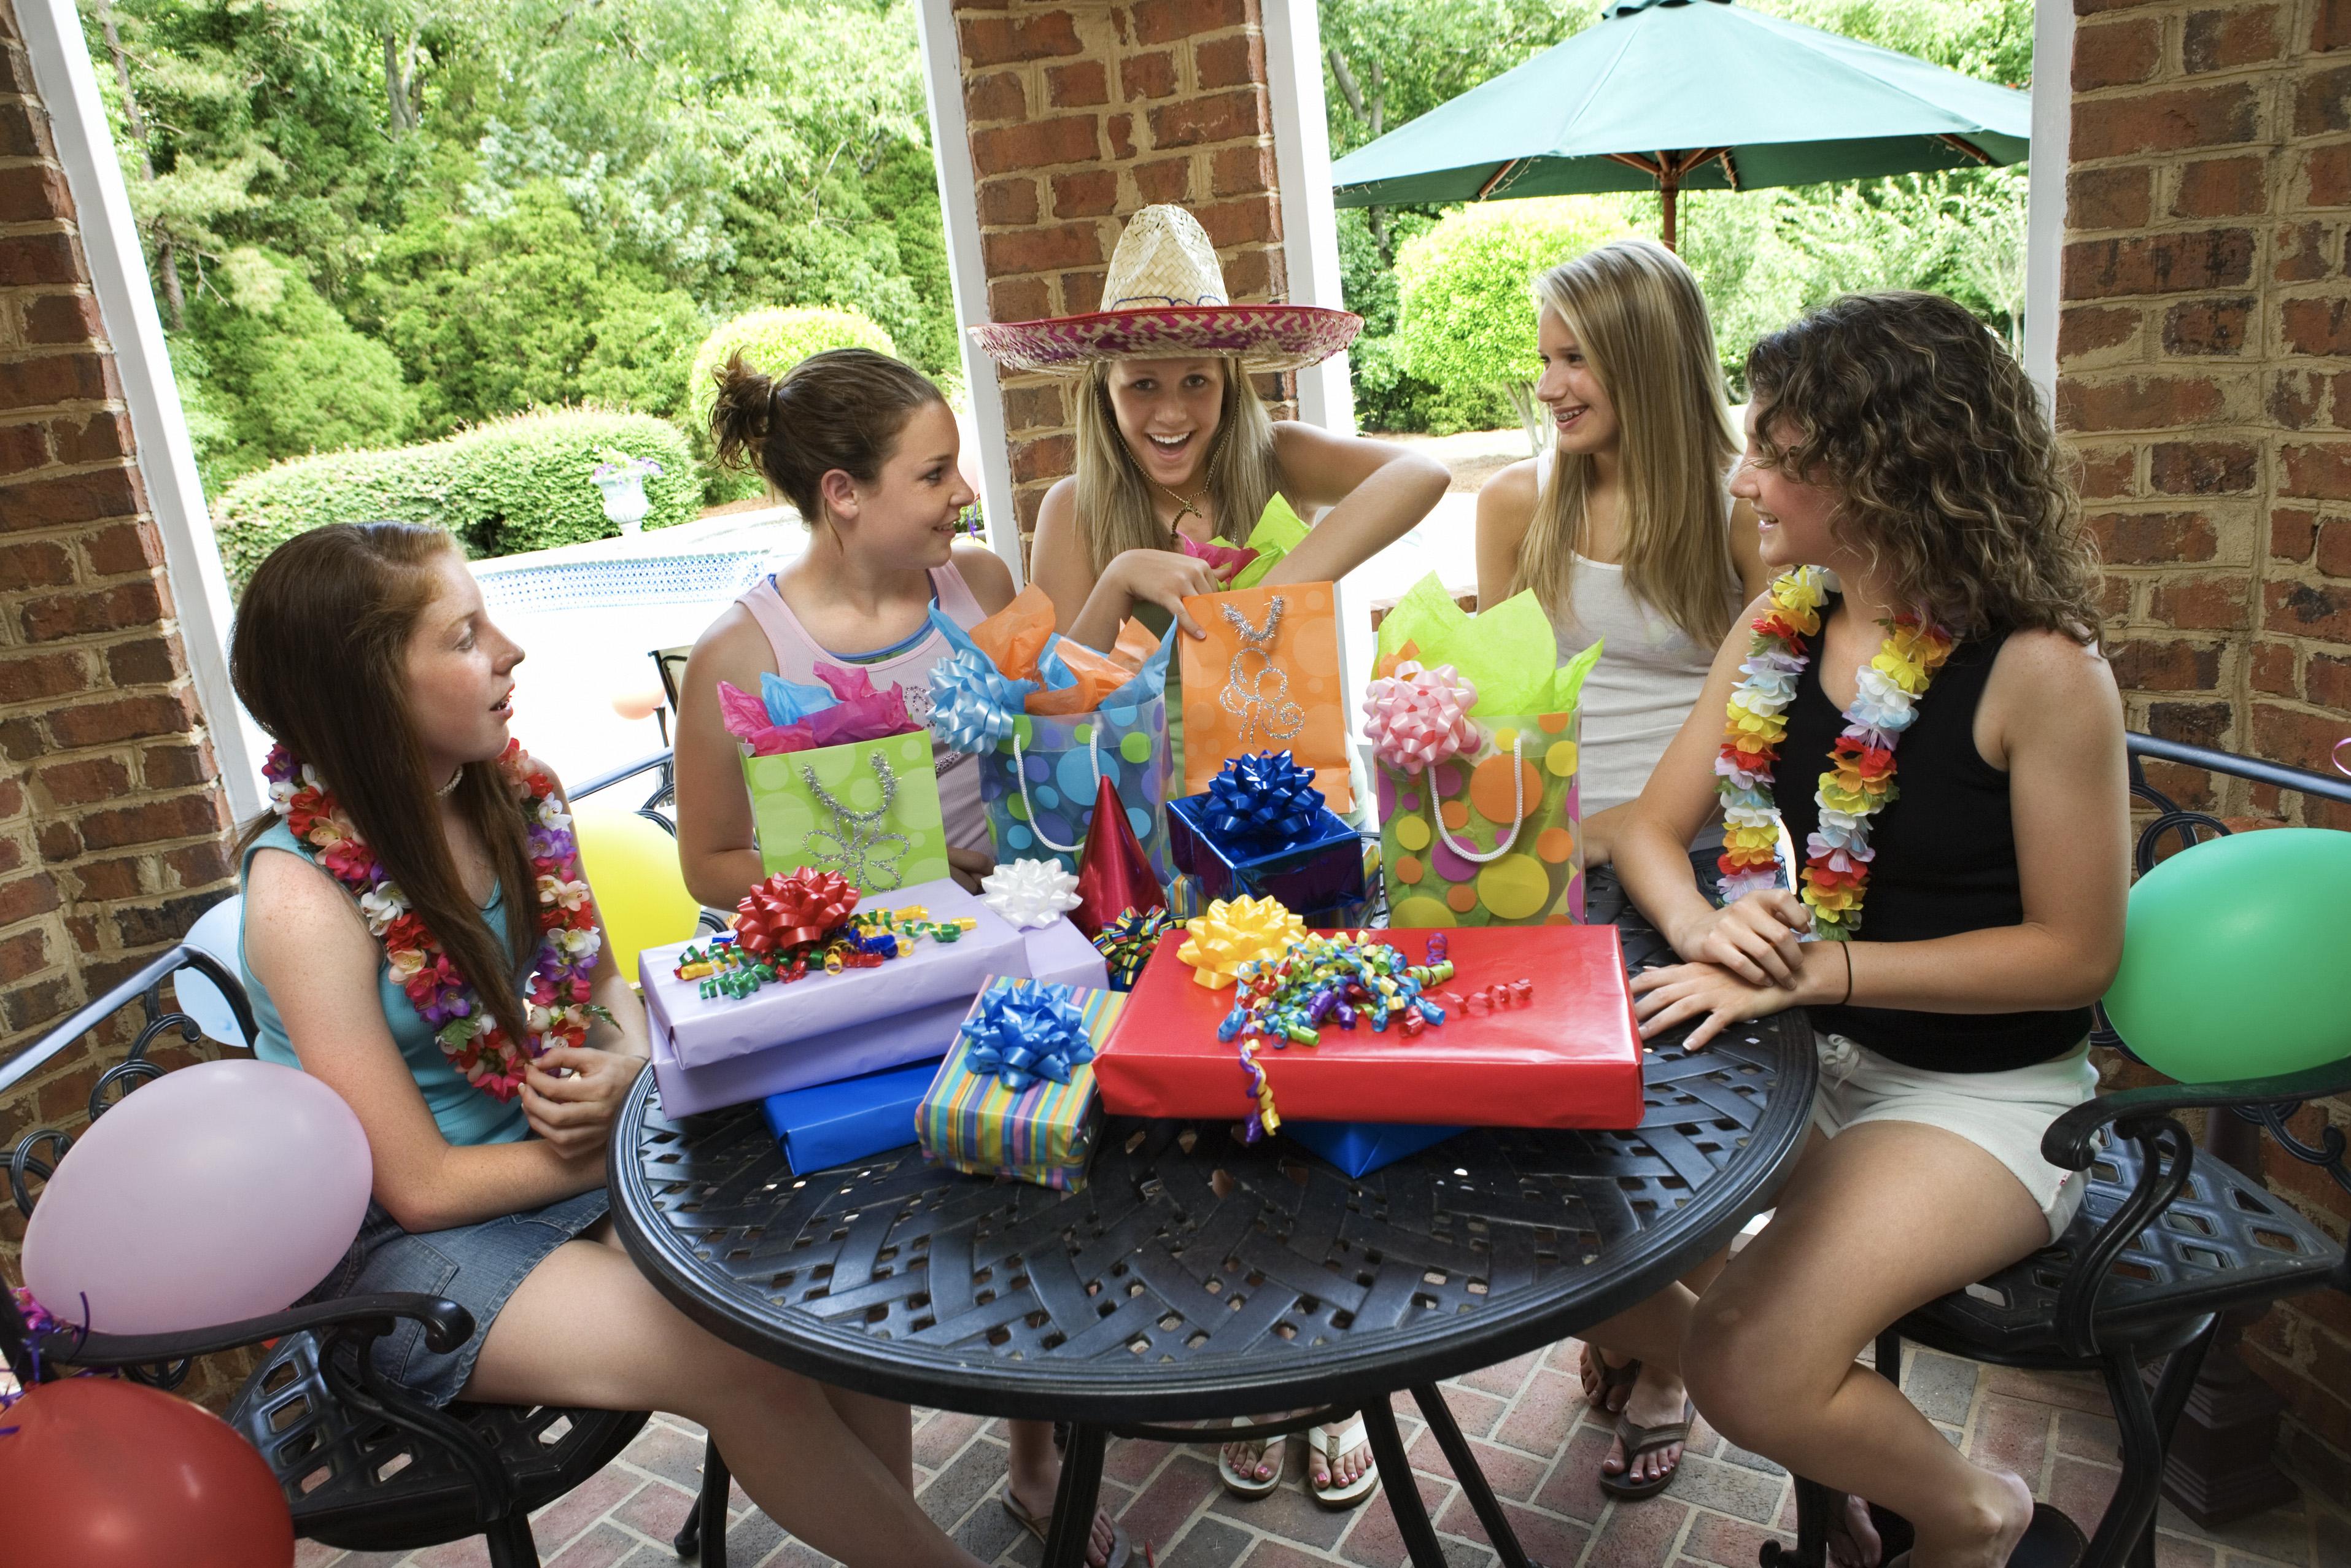 juegos de decorar fiestas de cumpleaos